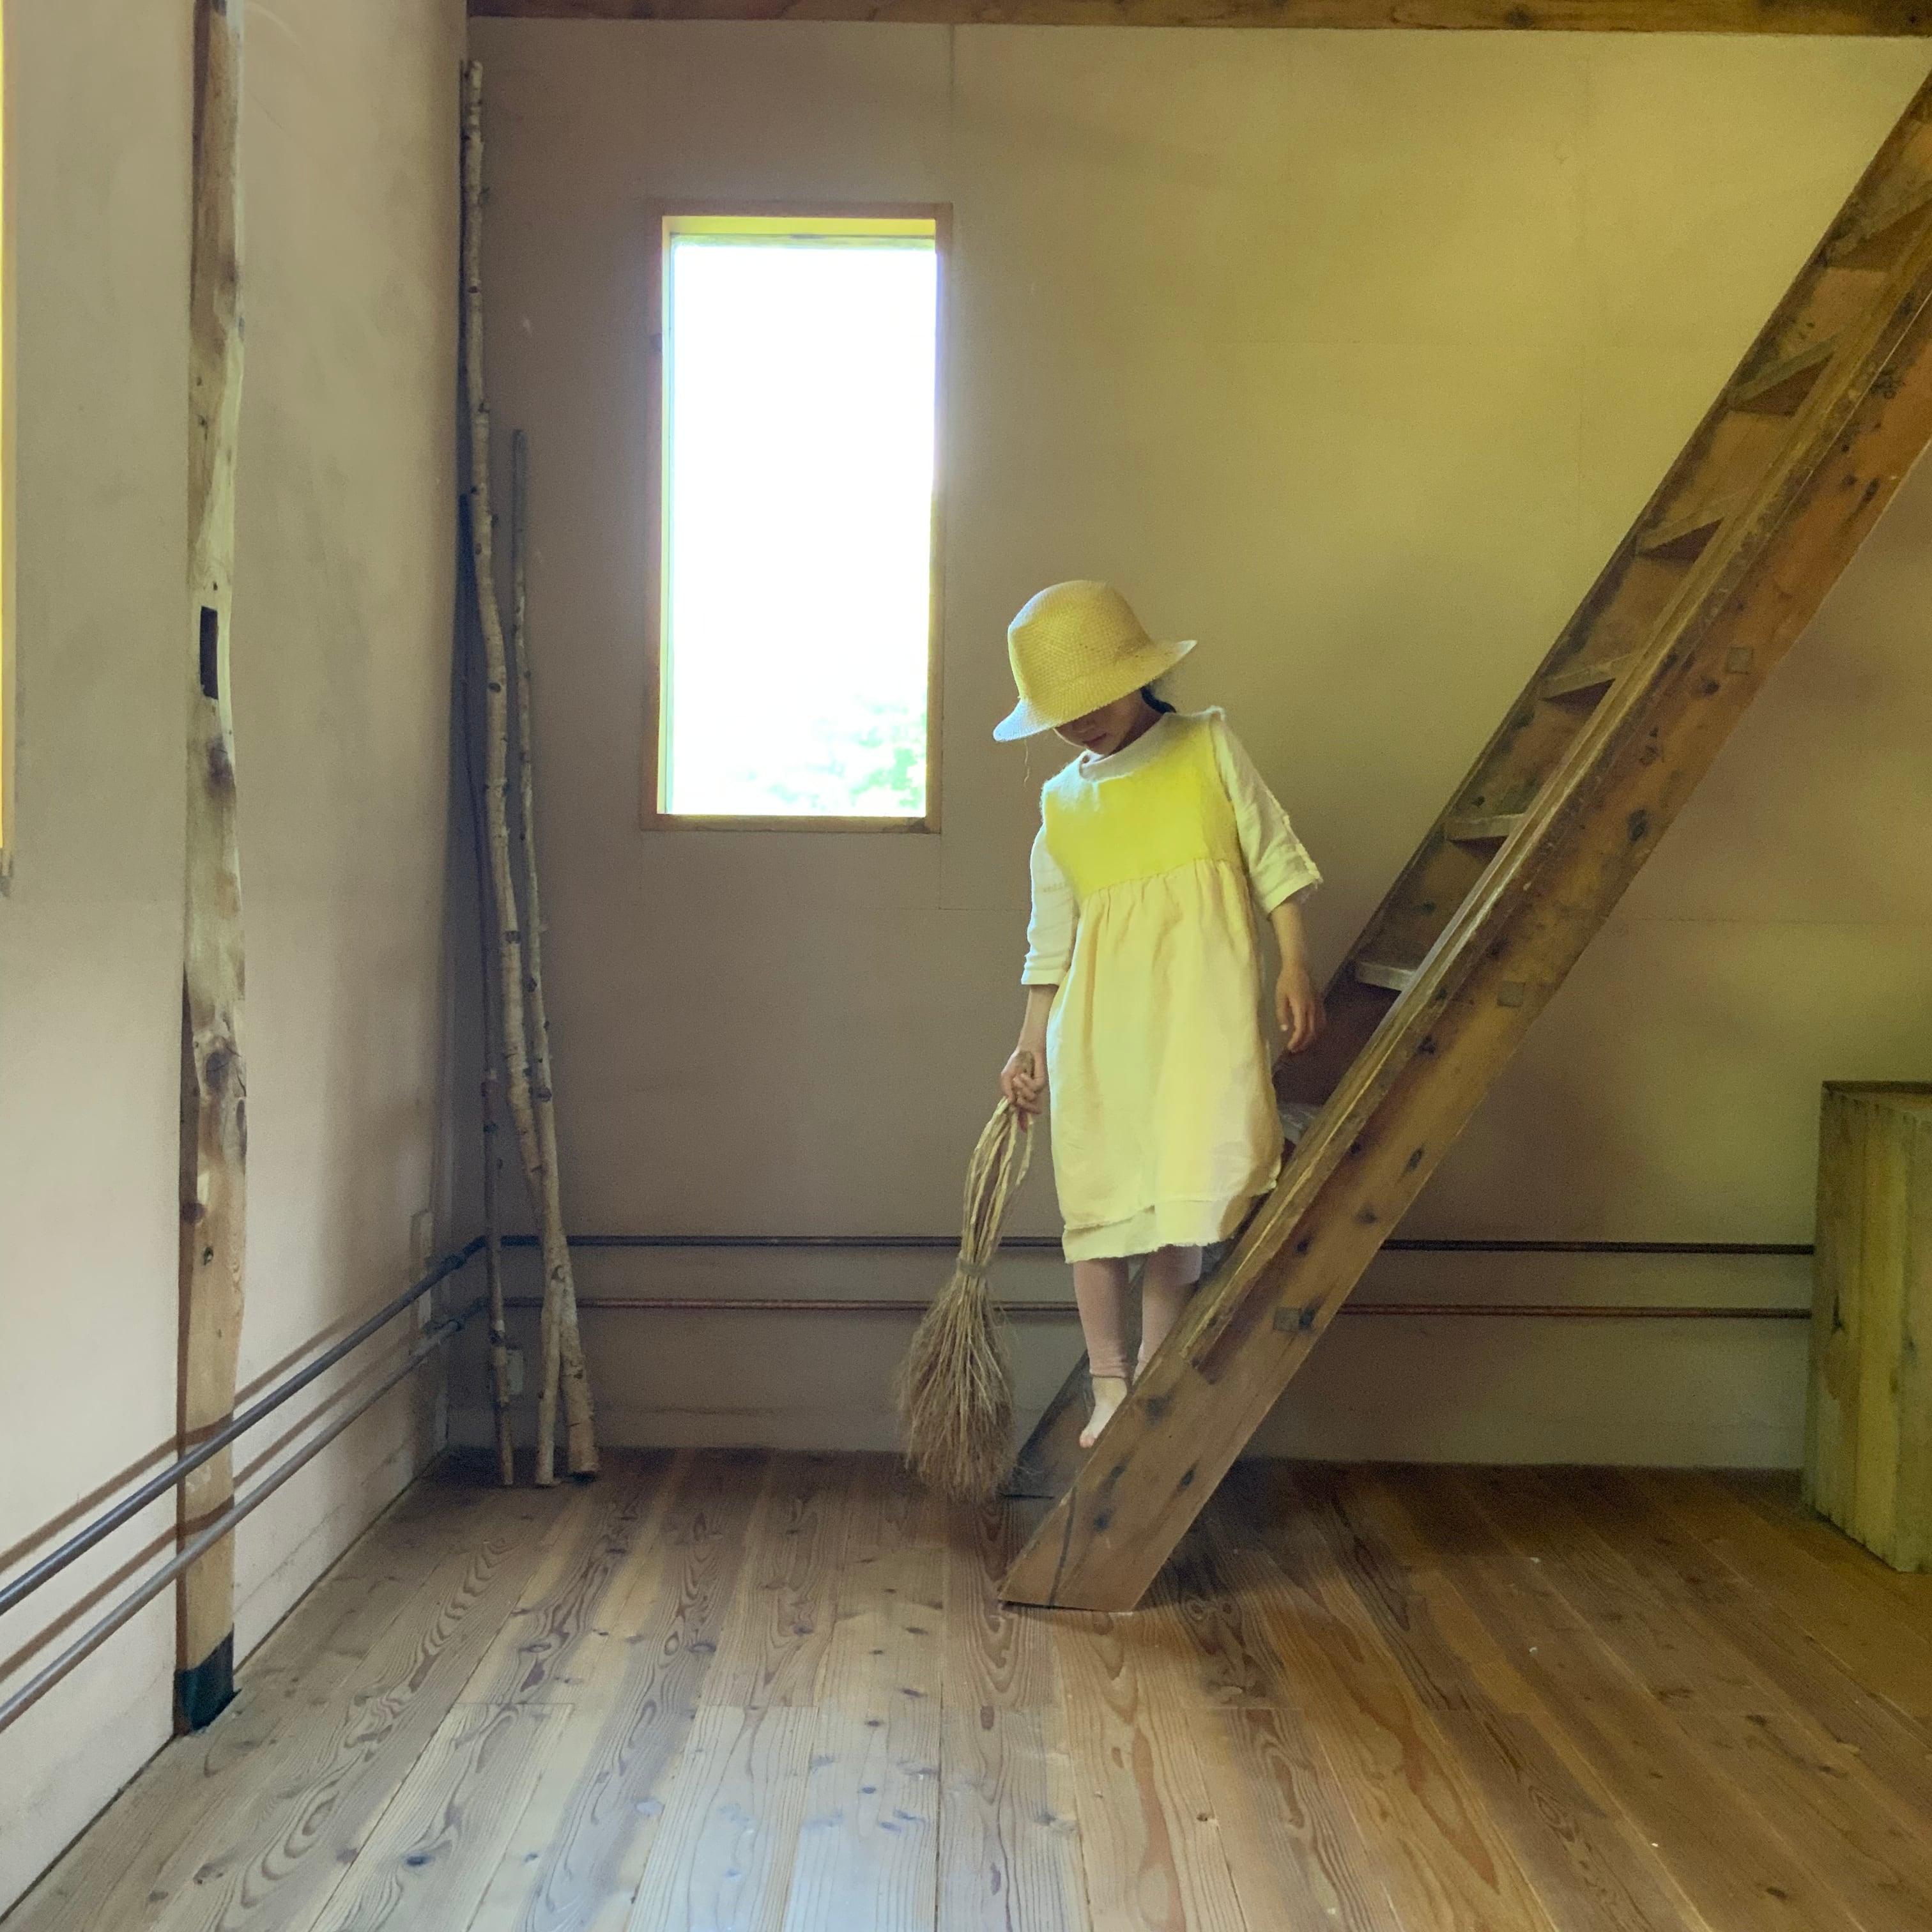 OPCLKS2-21002 ワンピースコリーヌ キッズ ショート丈 黄色